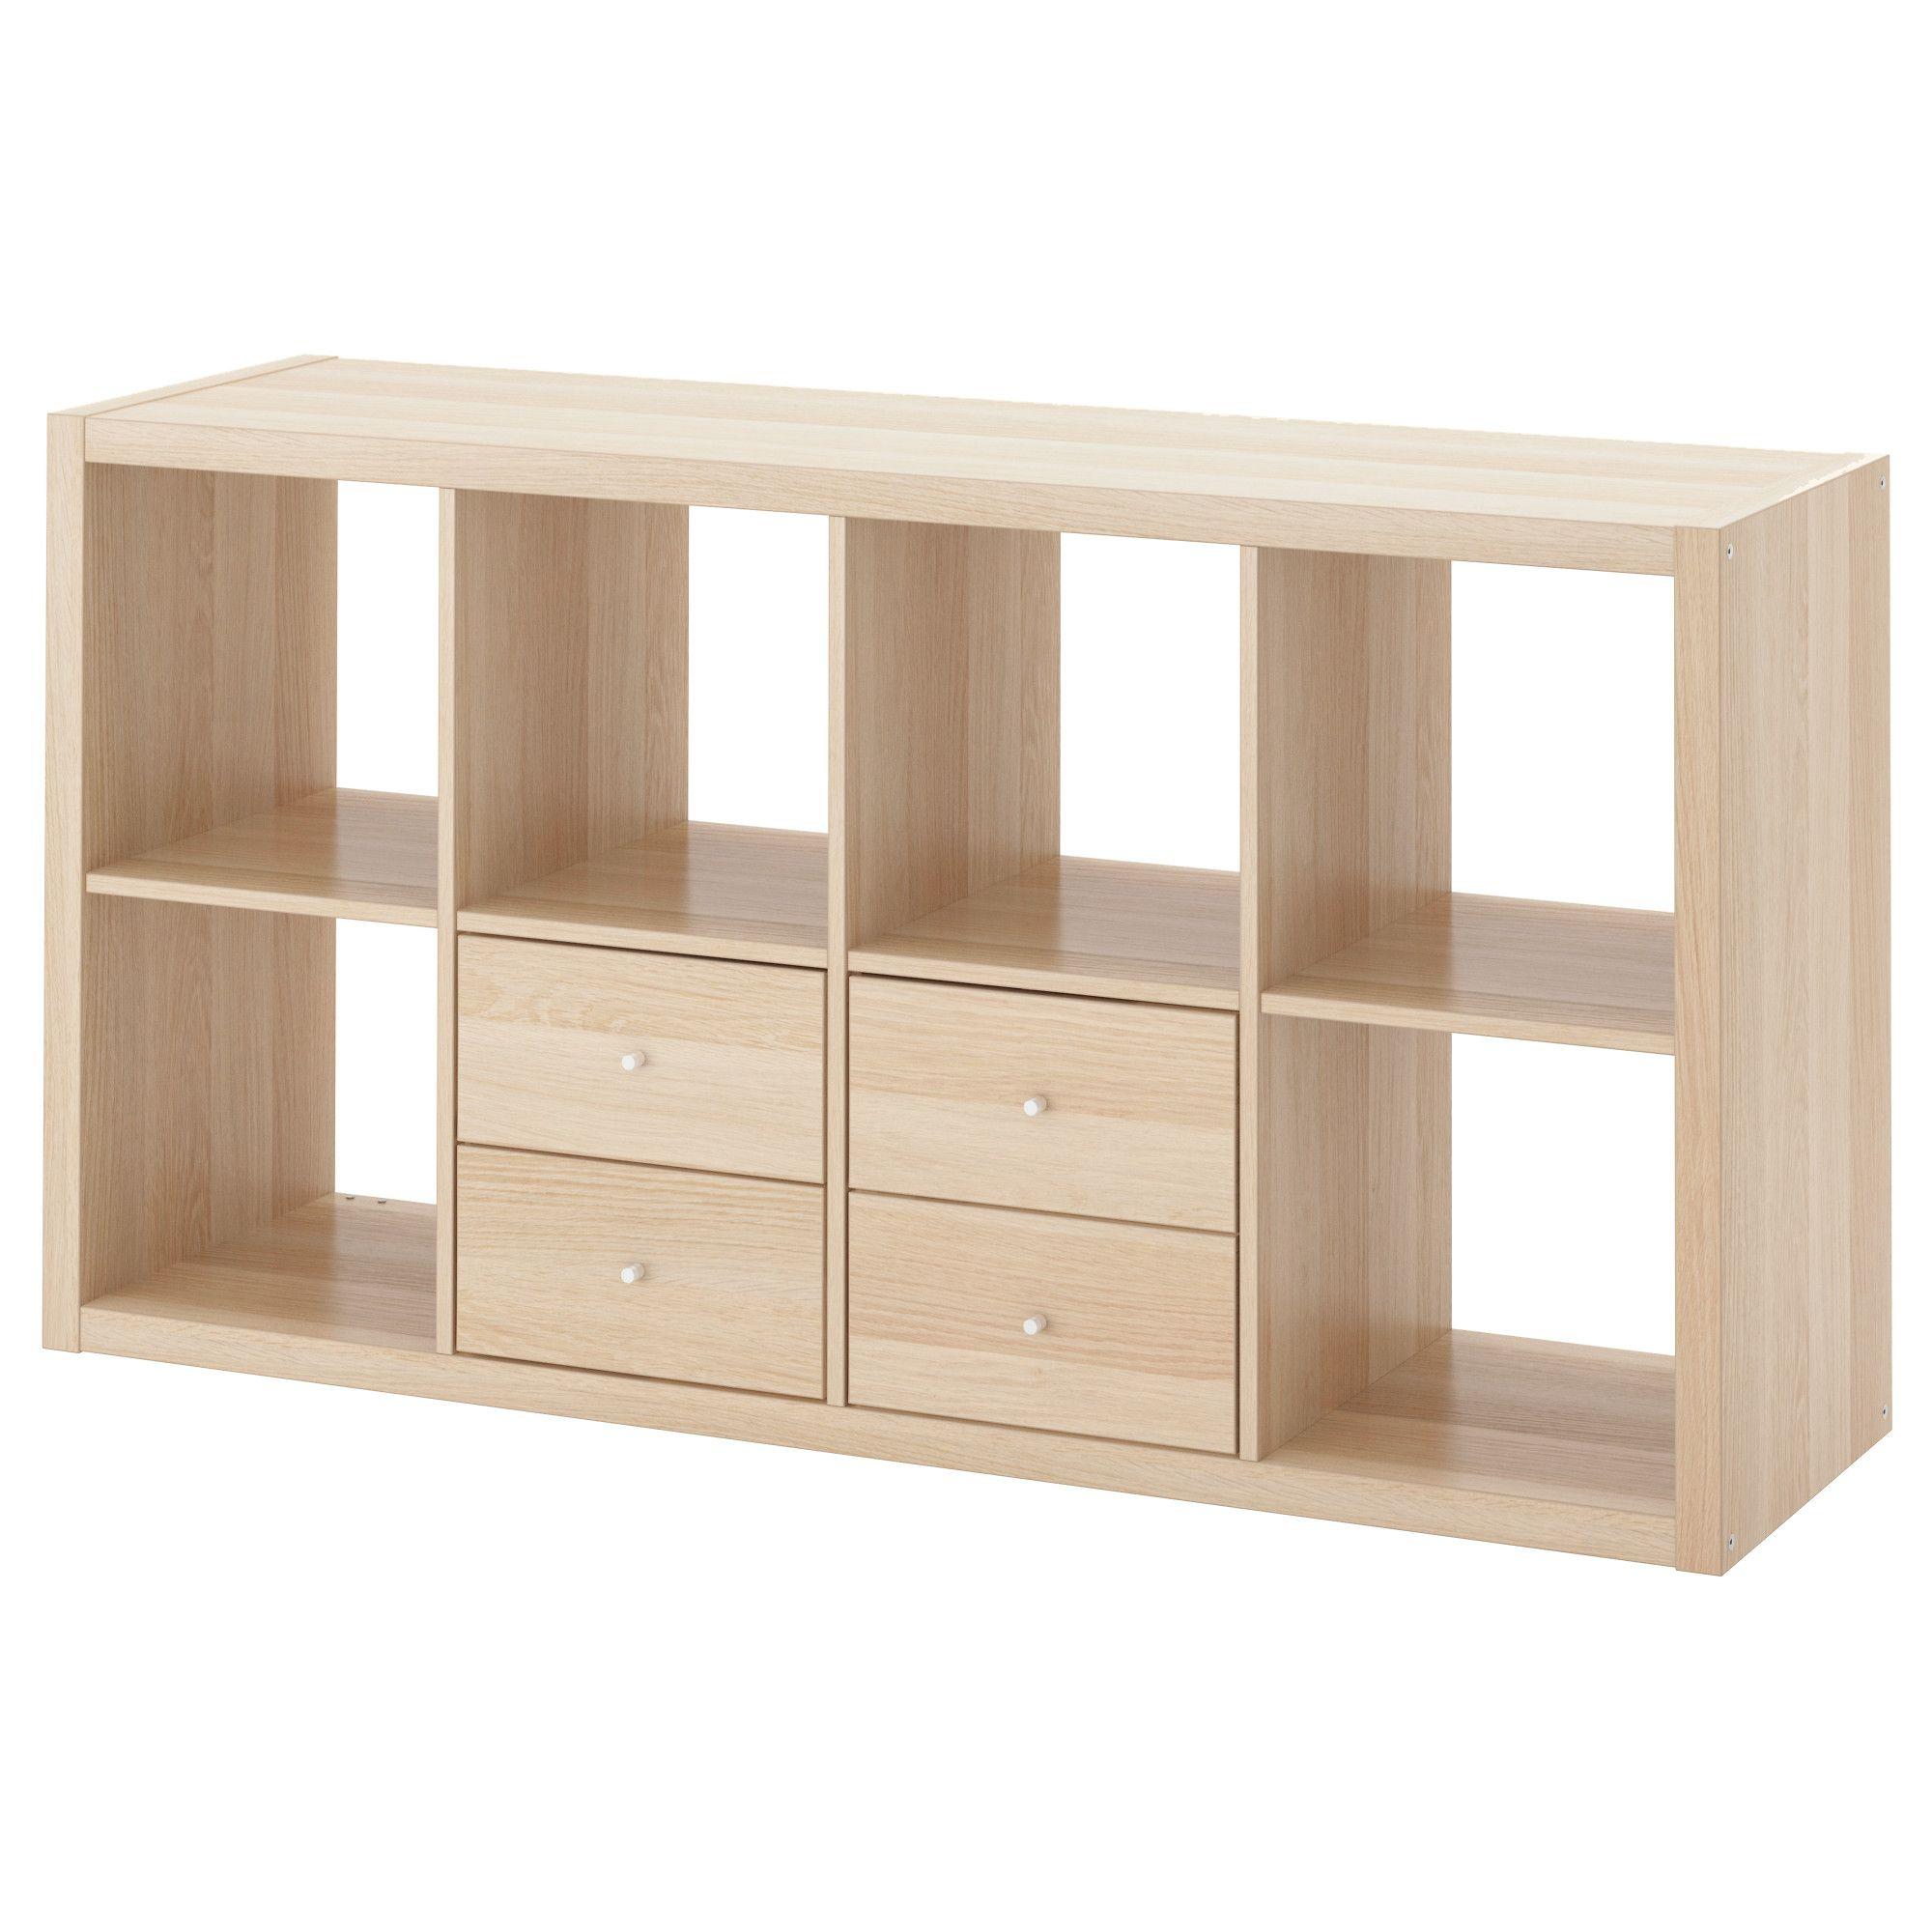 Ikea Regal Turen